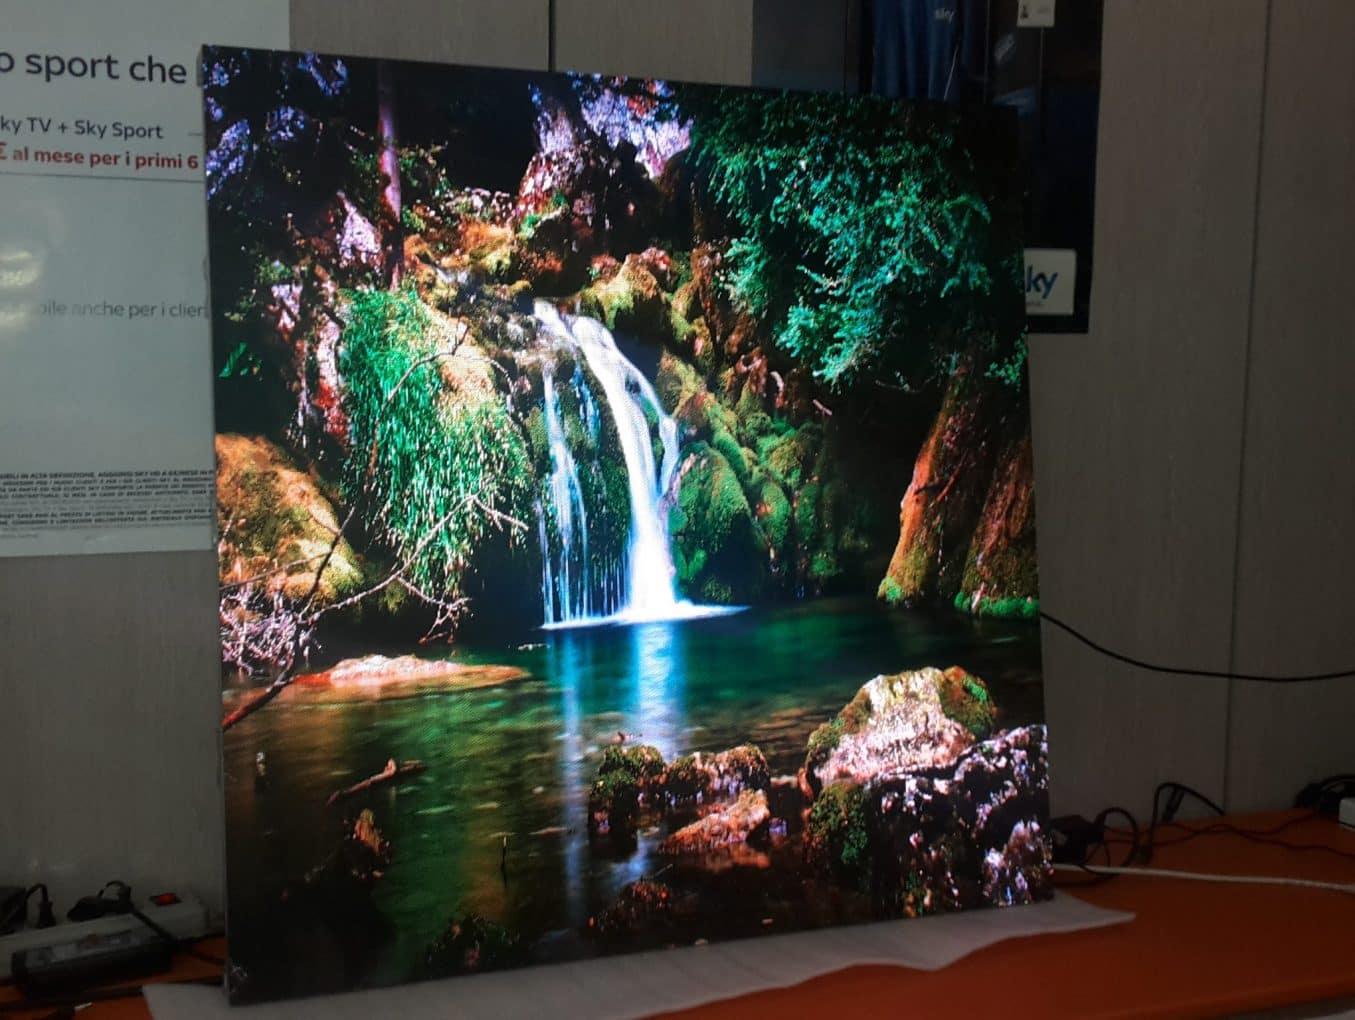 Schermo LED indoor e outdoor: caratteristiche e differenze